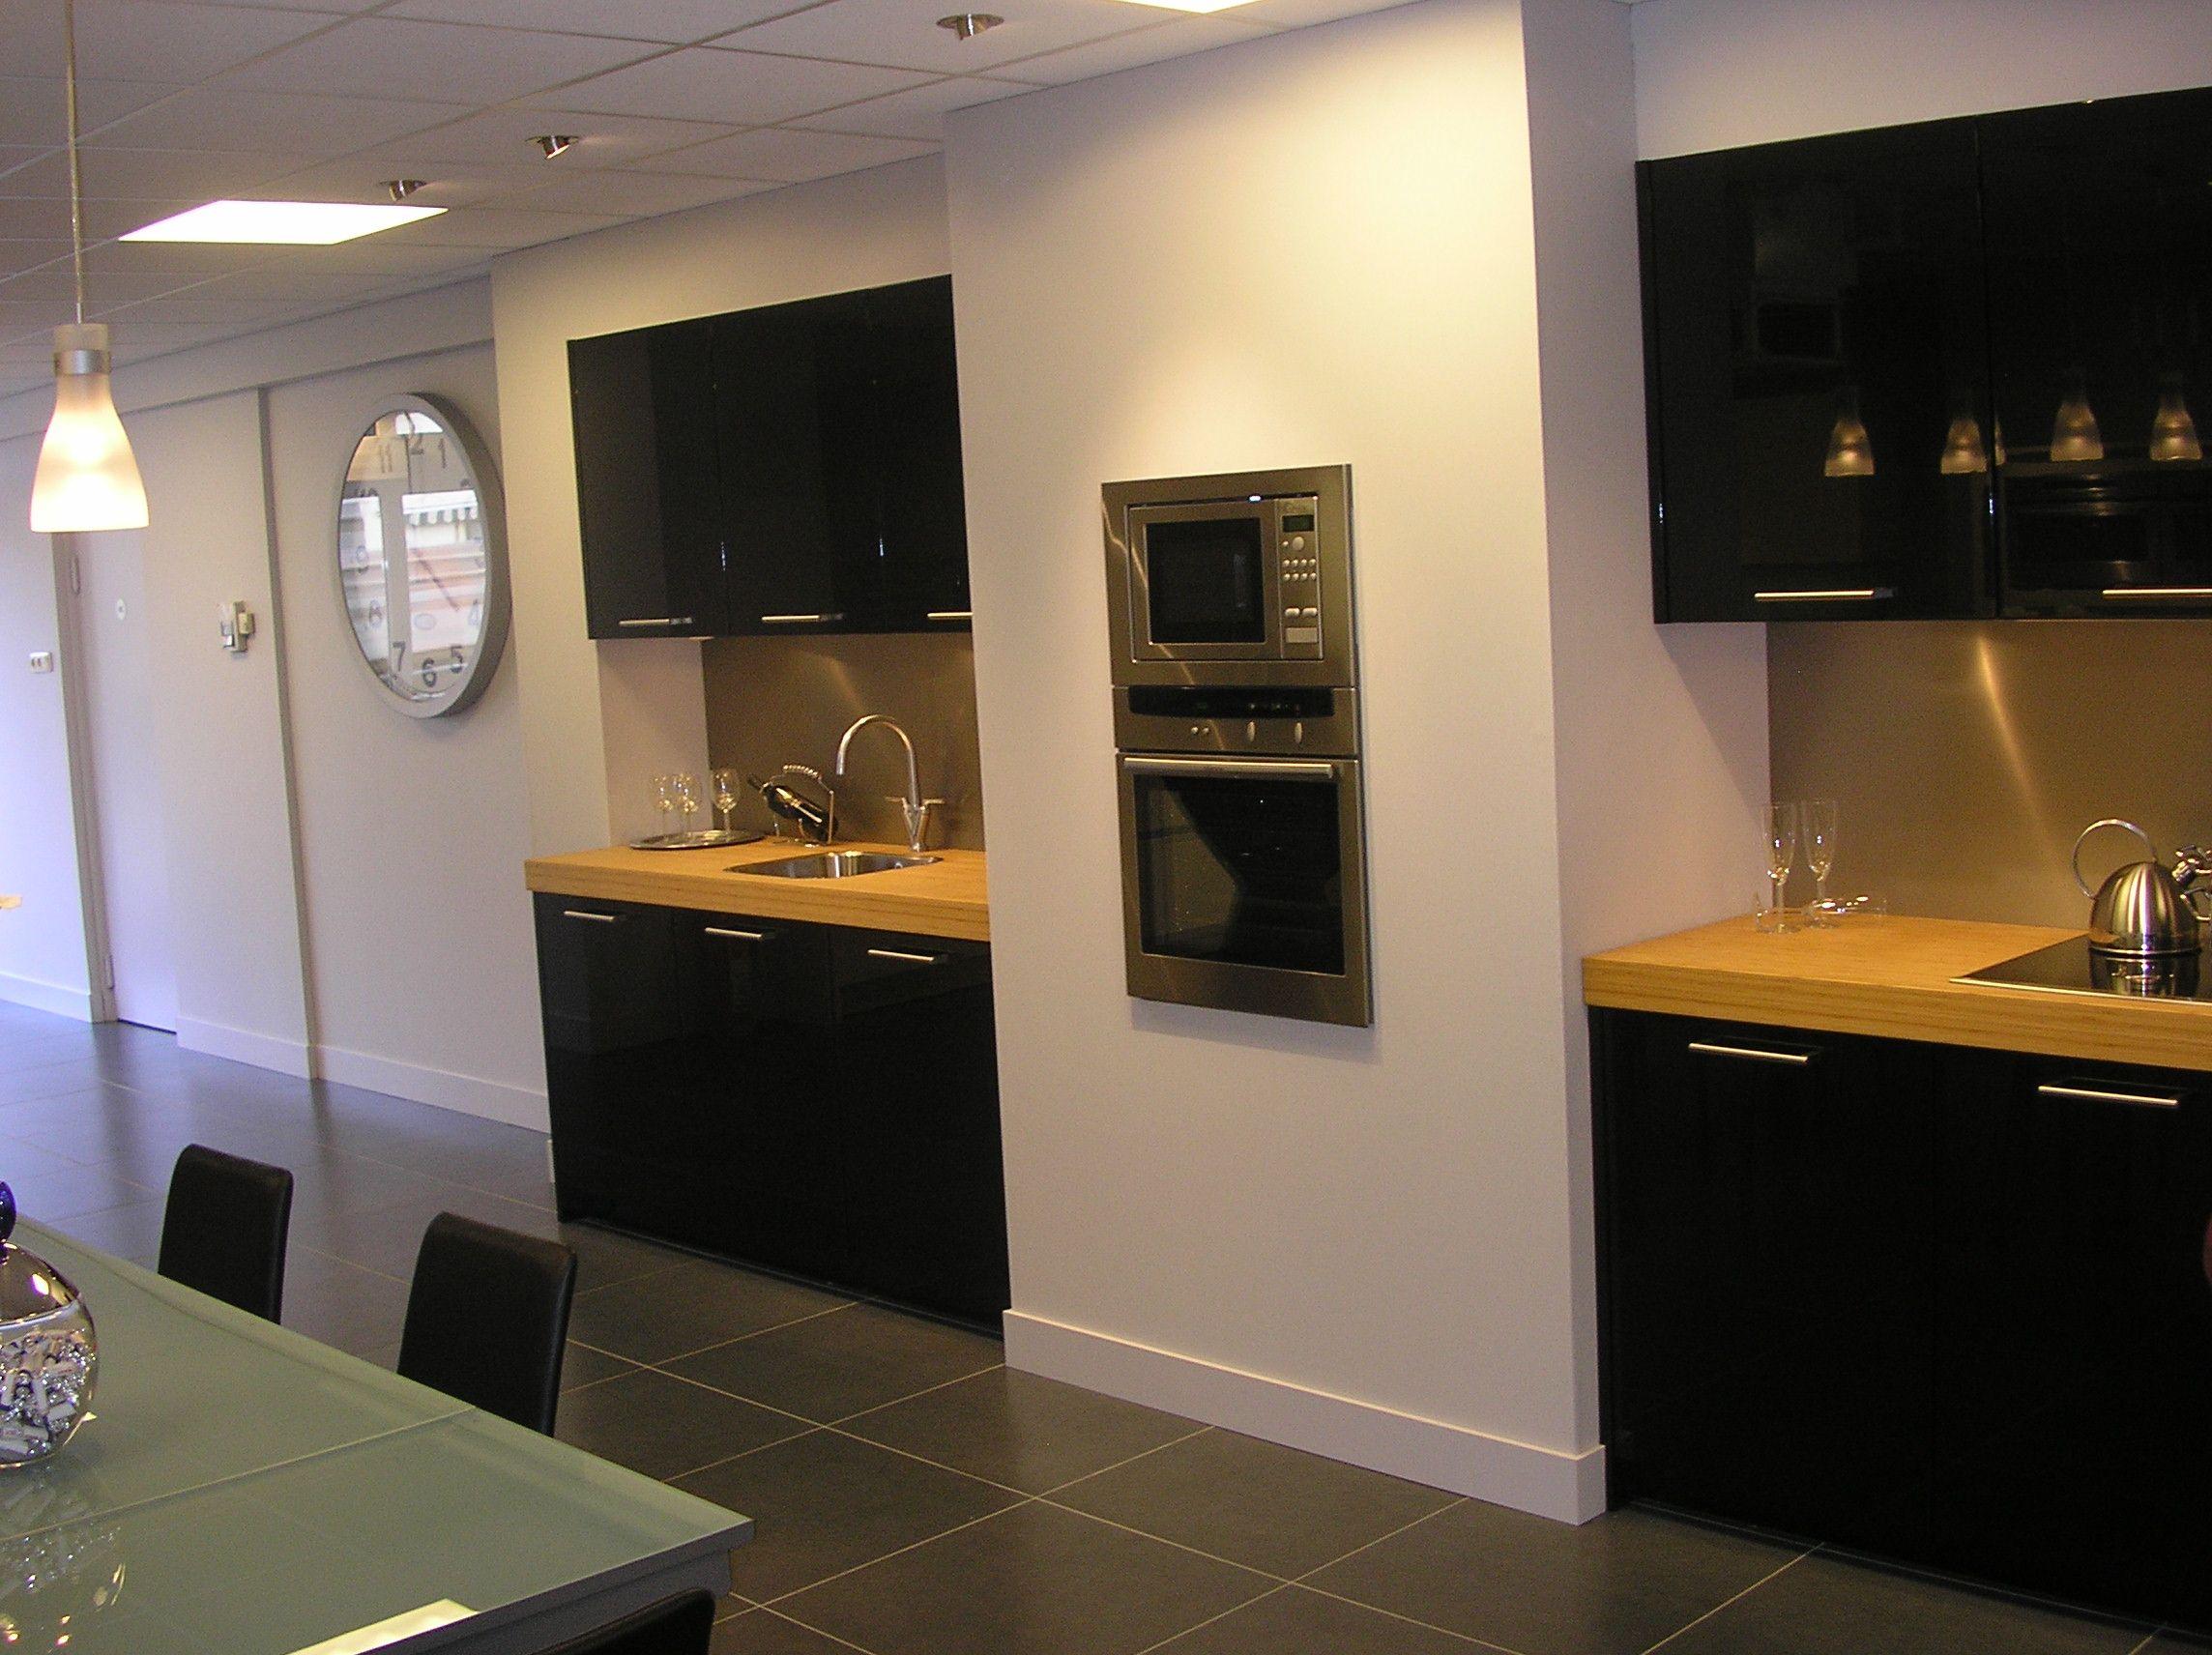 Keuken Hoogglans Zwart: ... keukens voor zeer lage keuken prijzen ...